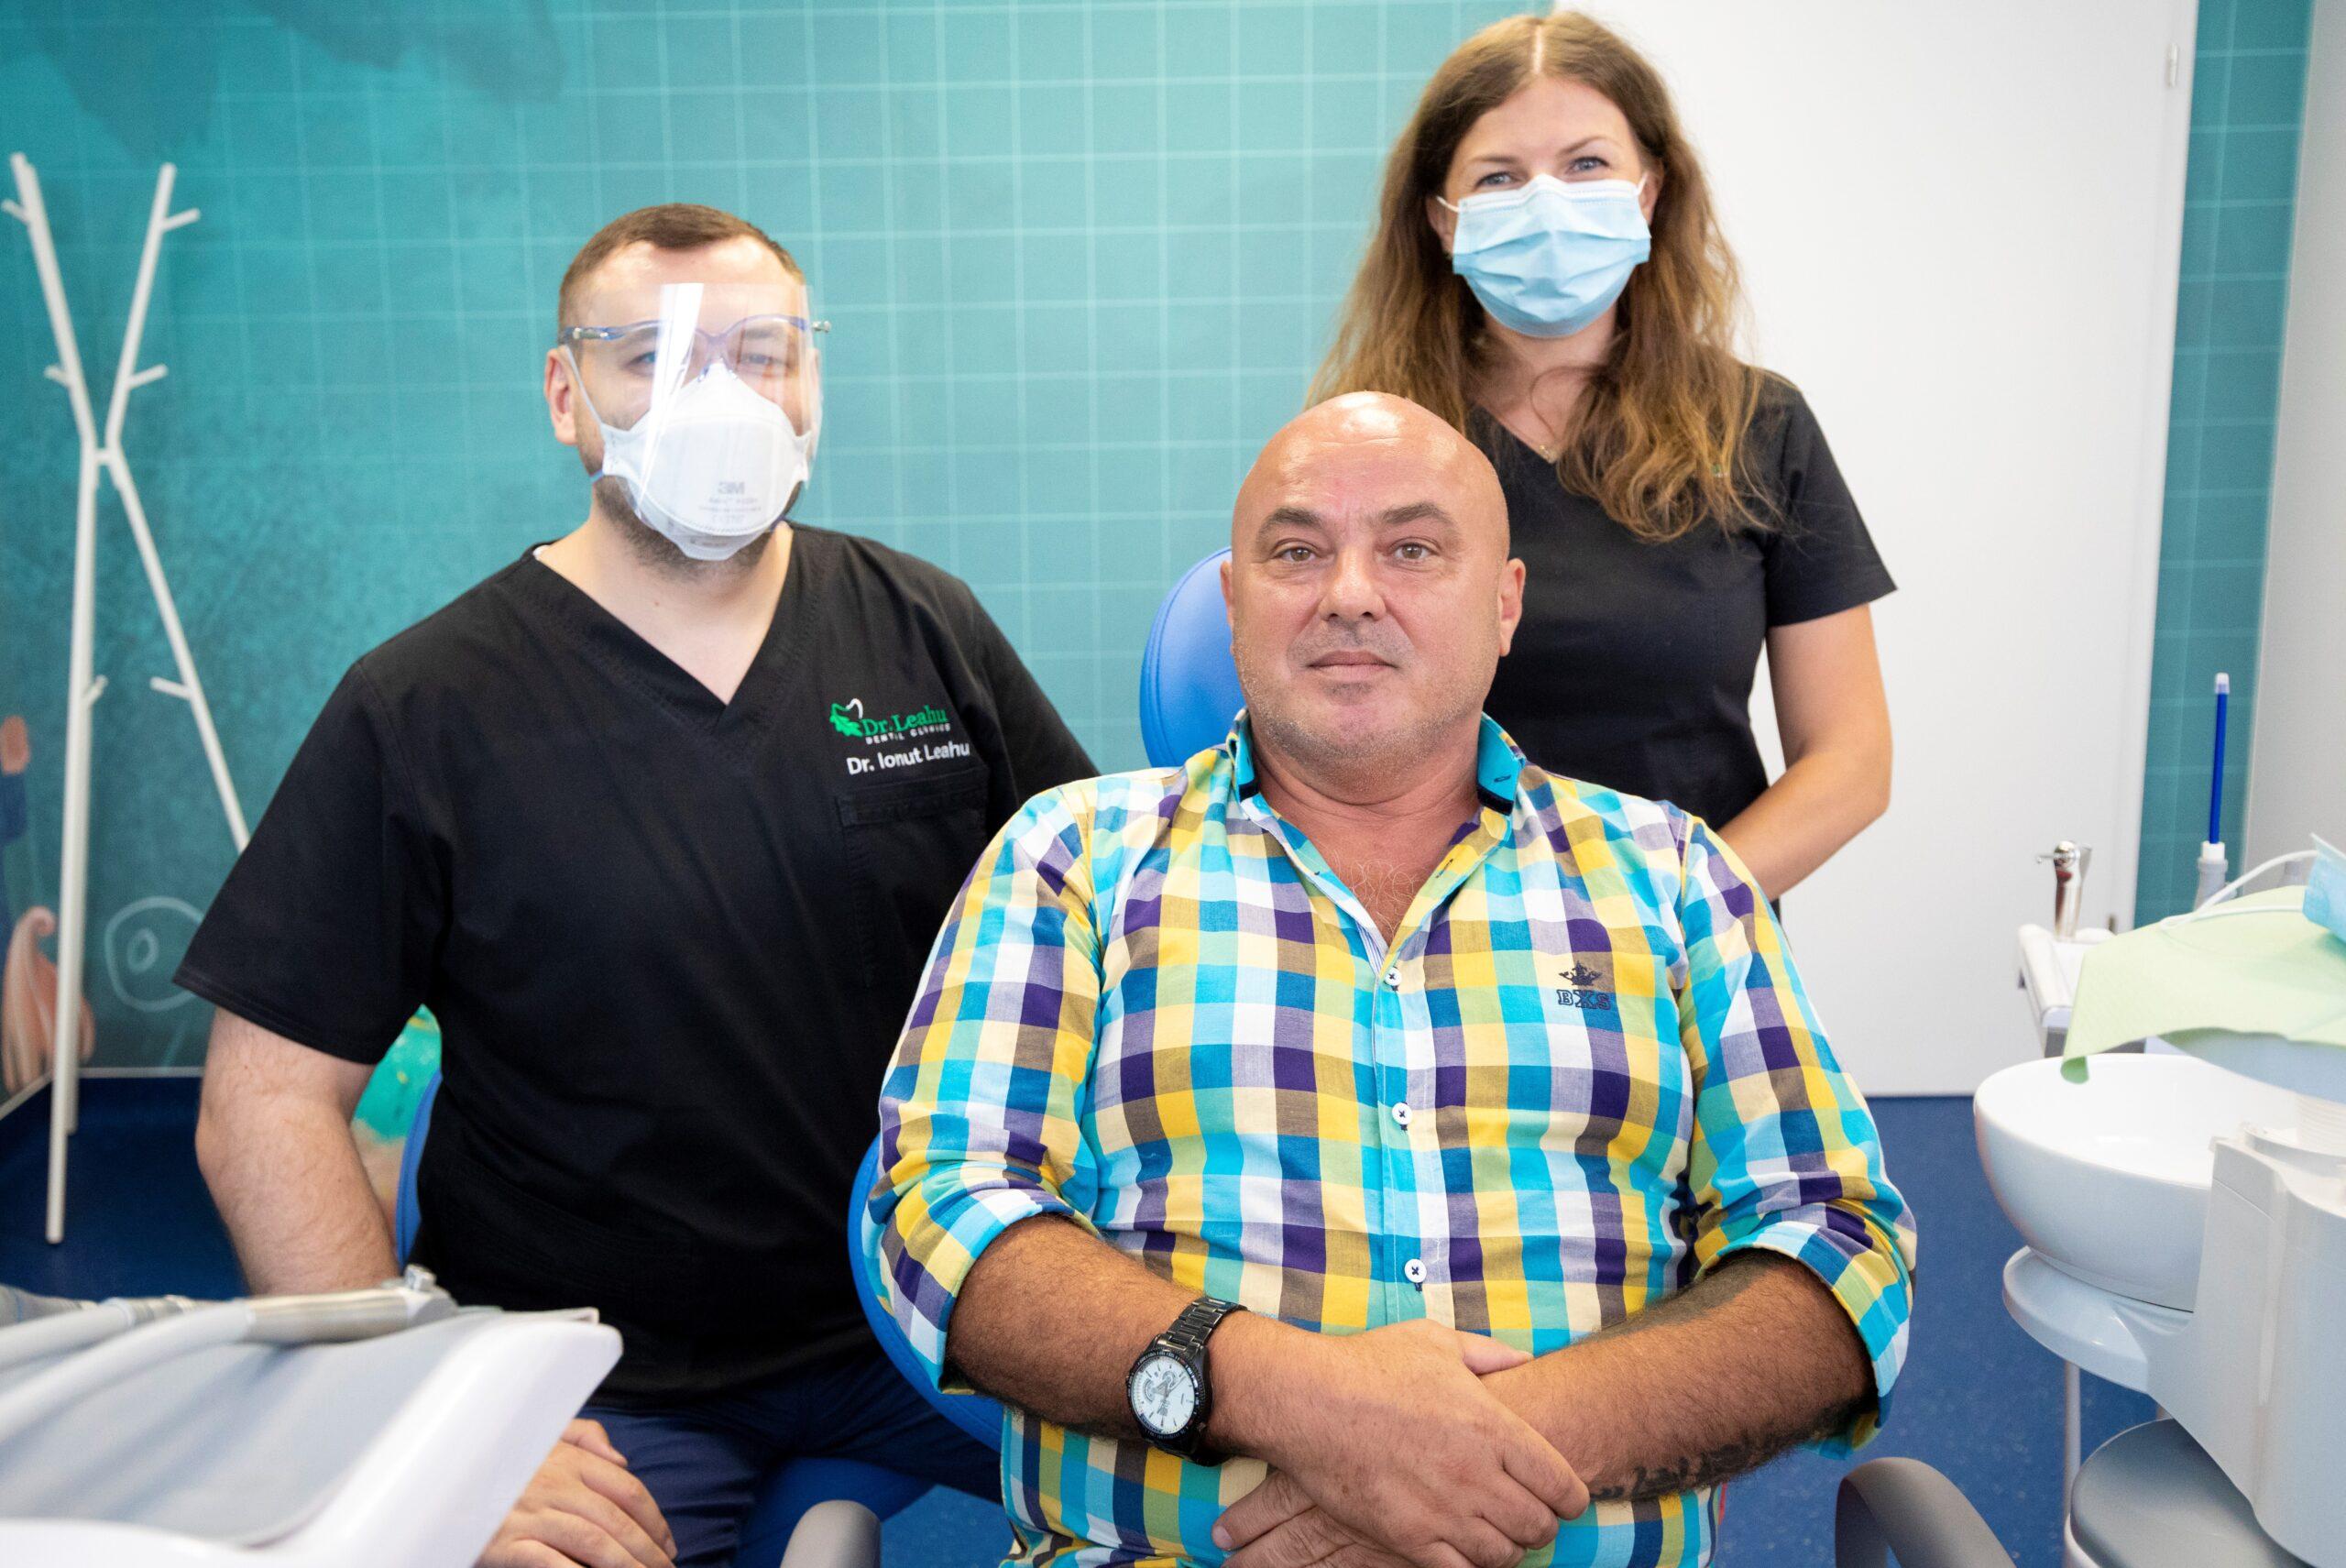 medic stomatolog in stanga, pacient in mijloc, medic stomatolog in dreapta